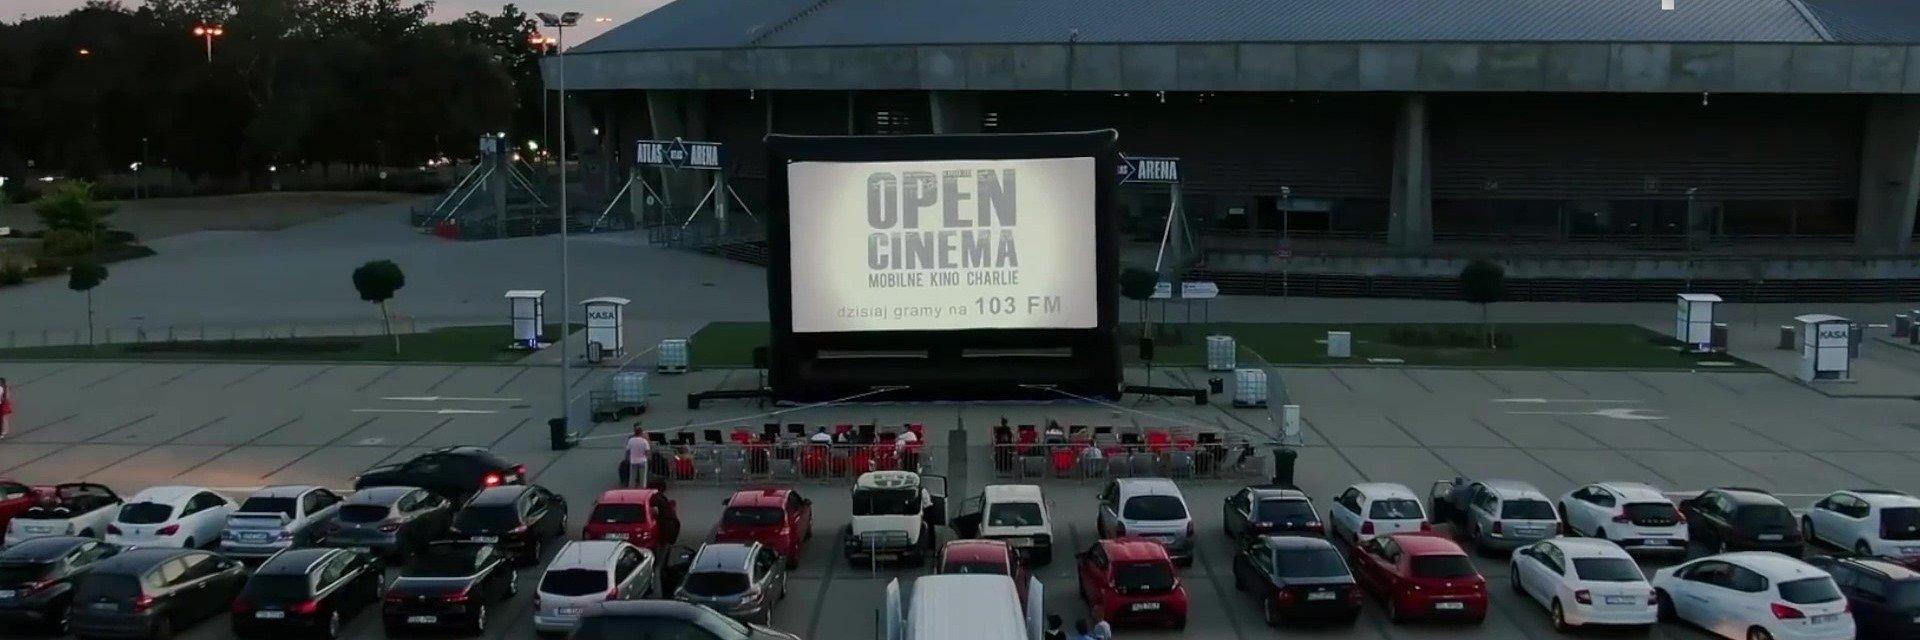 Łódź: Czy to już koniec kina Charlie?